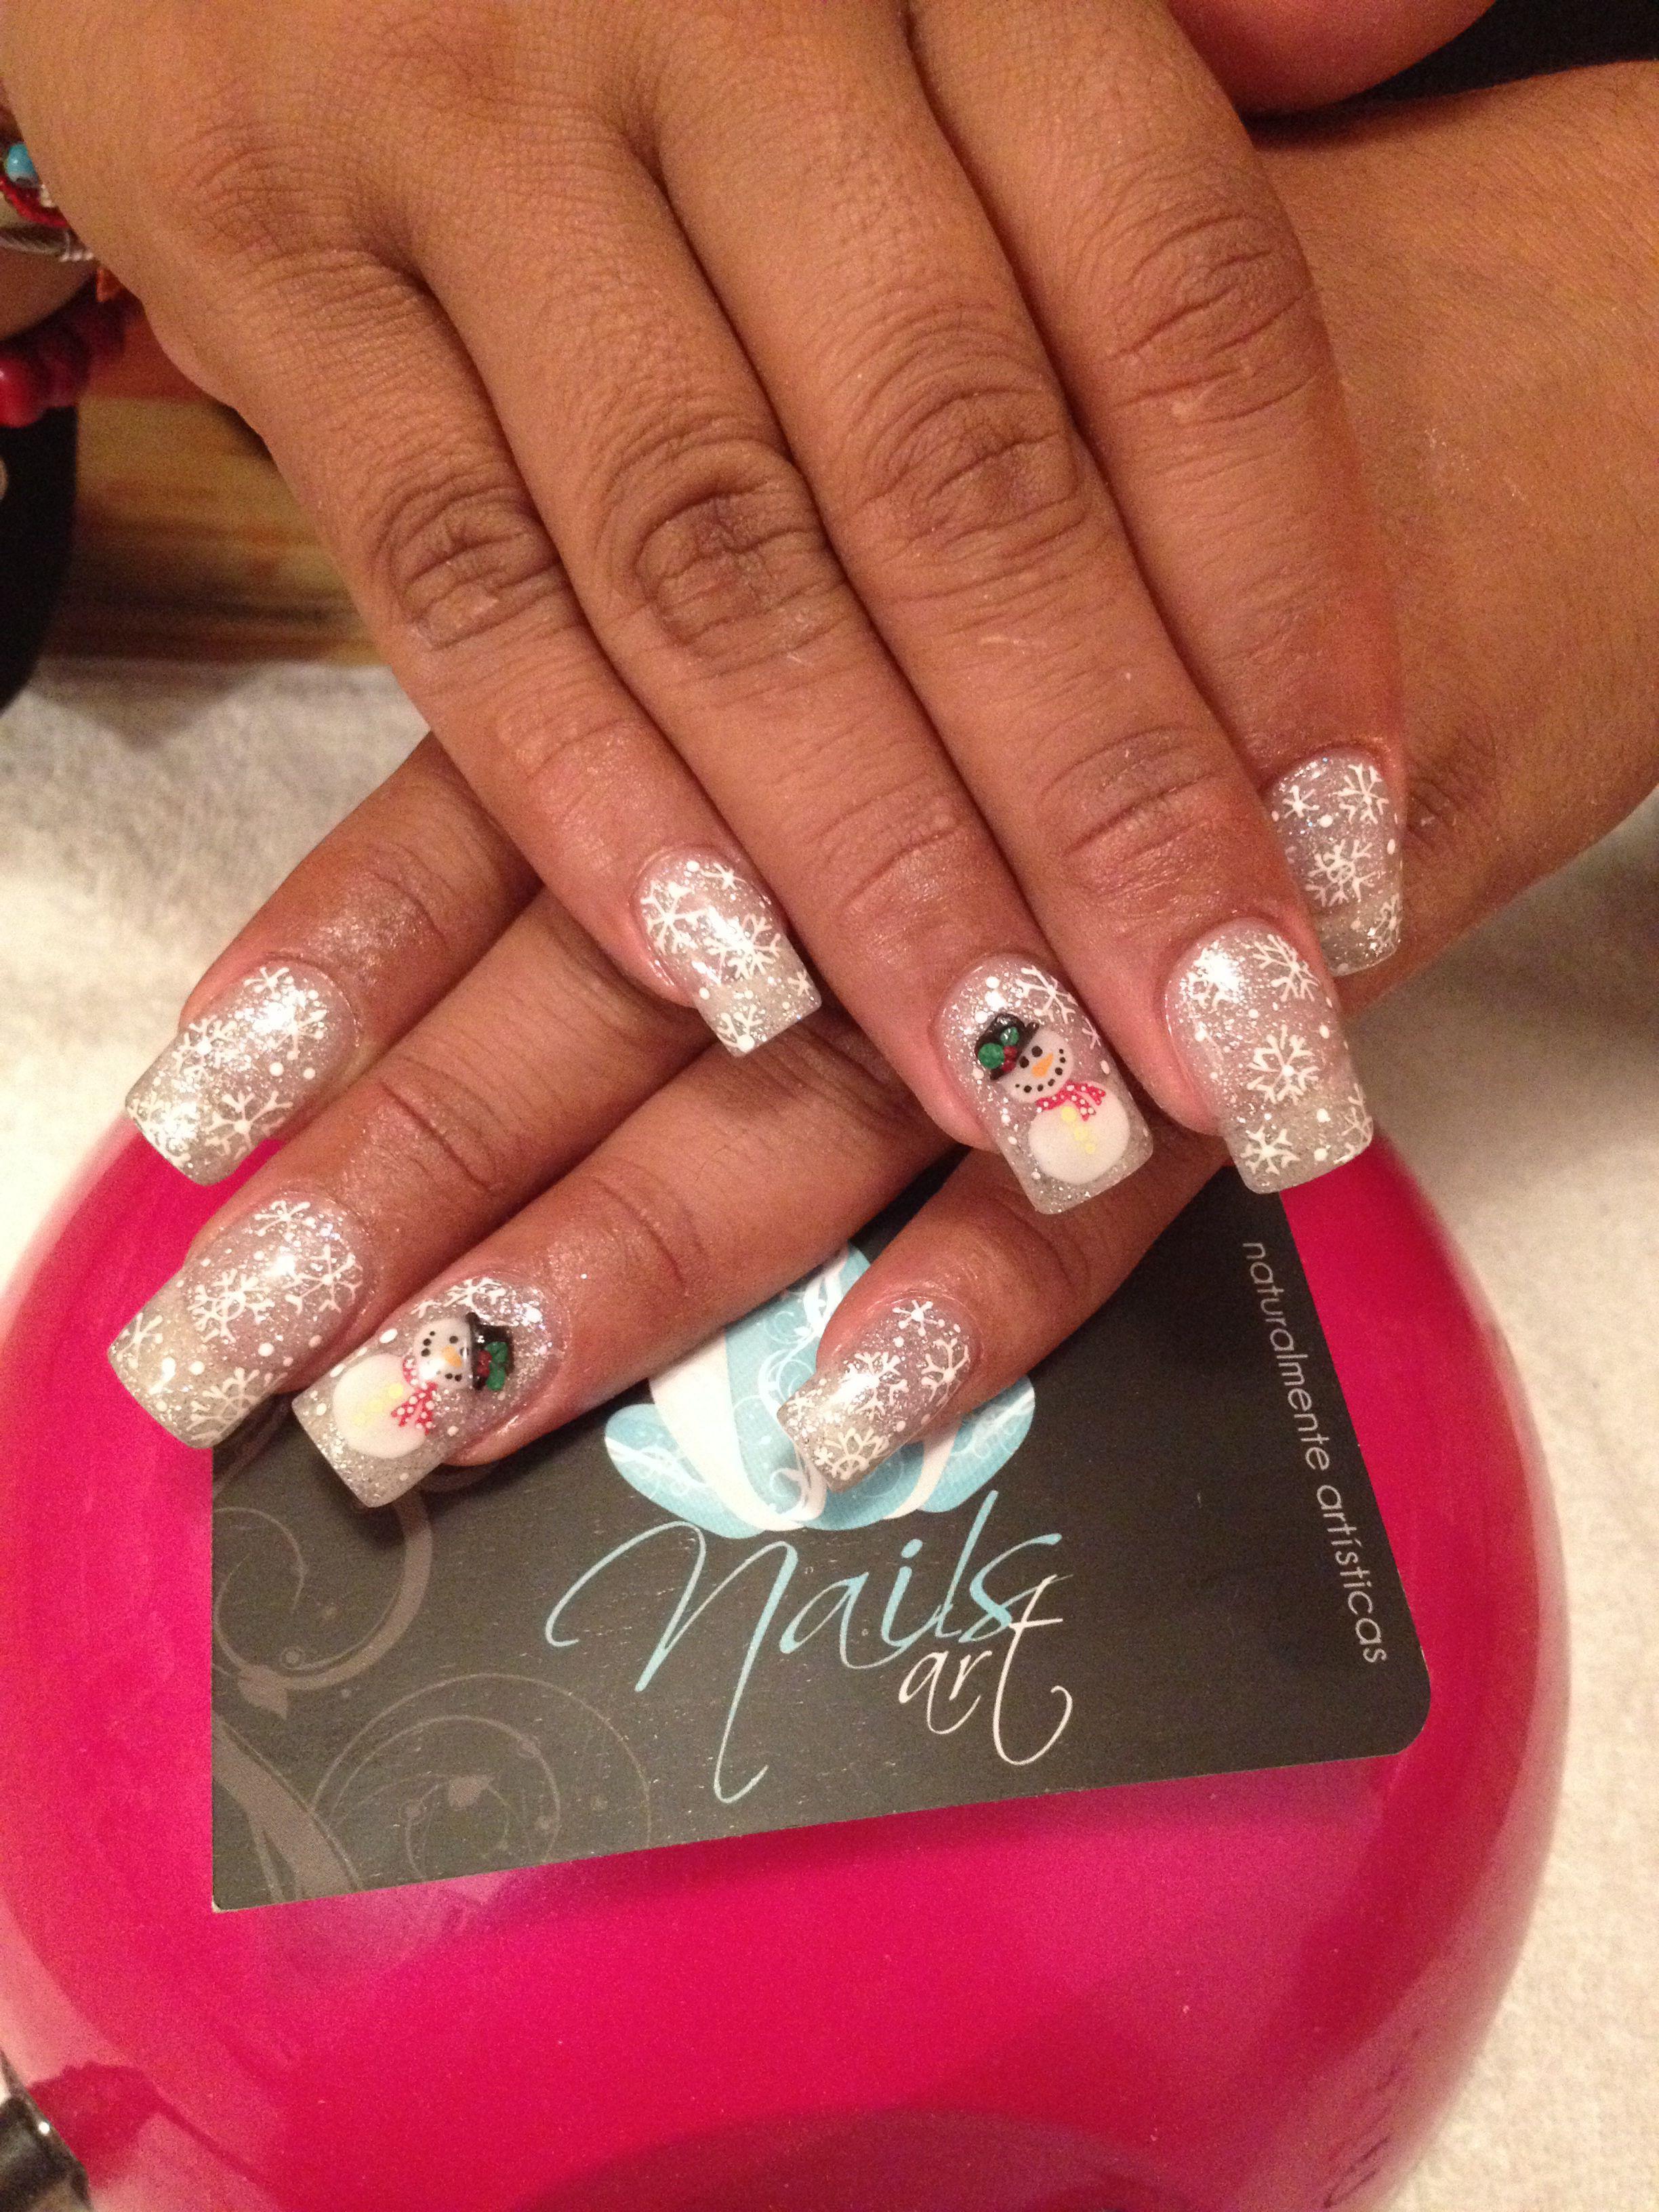 Nails art acrylic nails christmas nails Nails again Pinterest